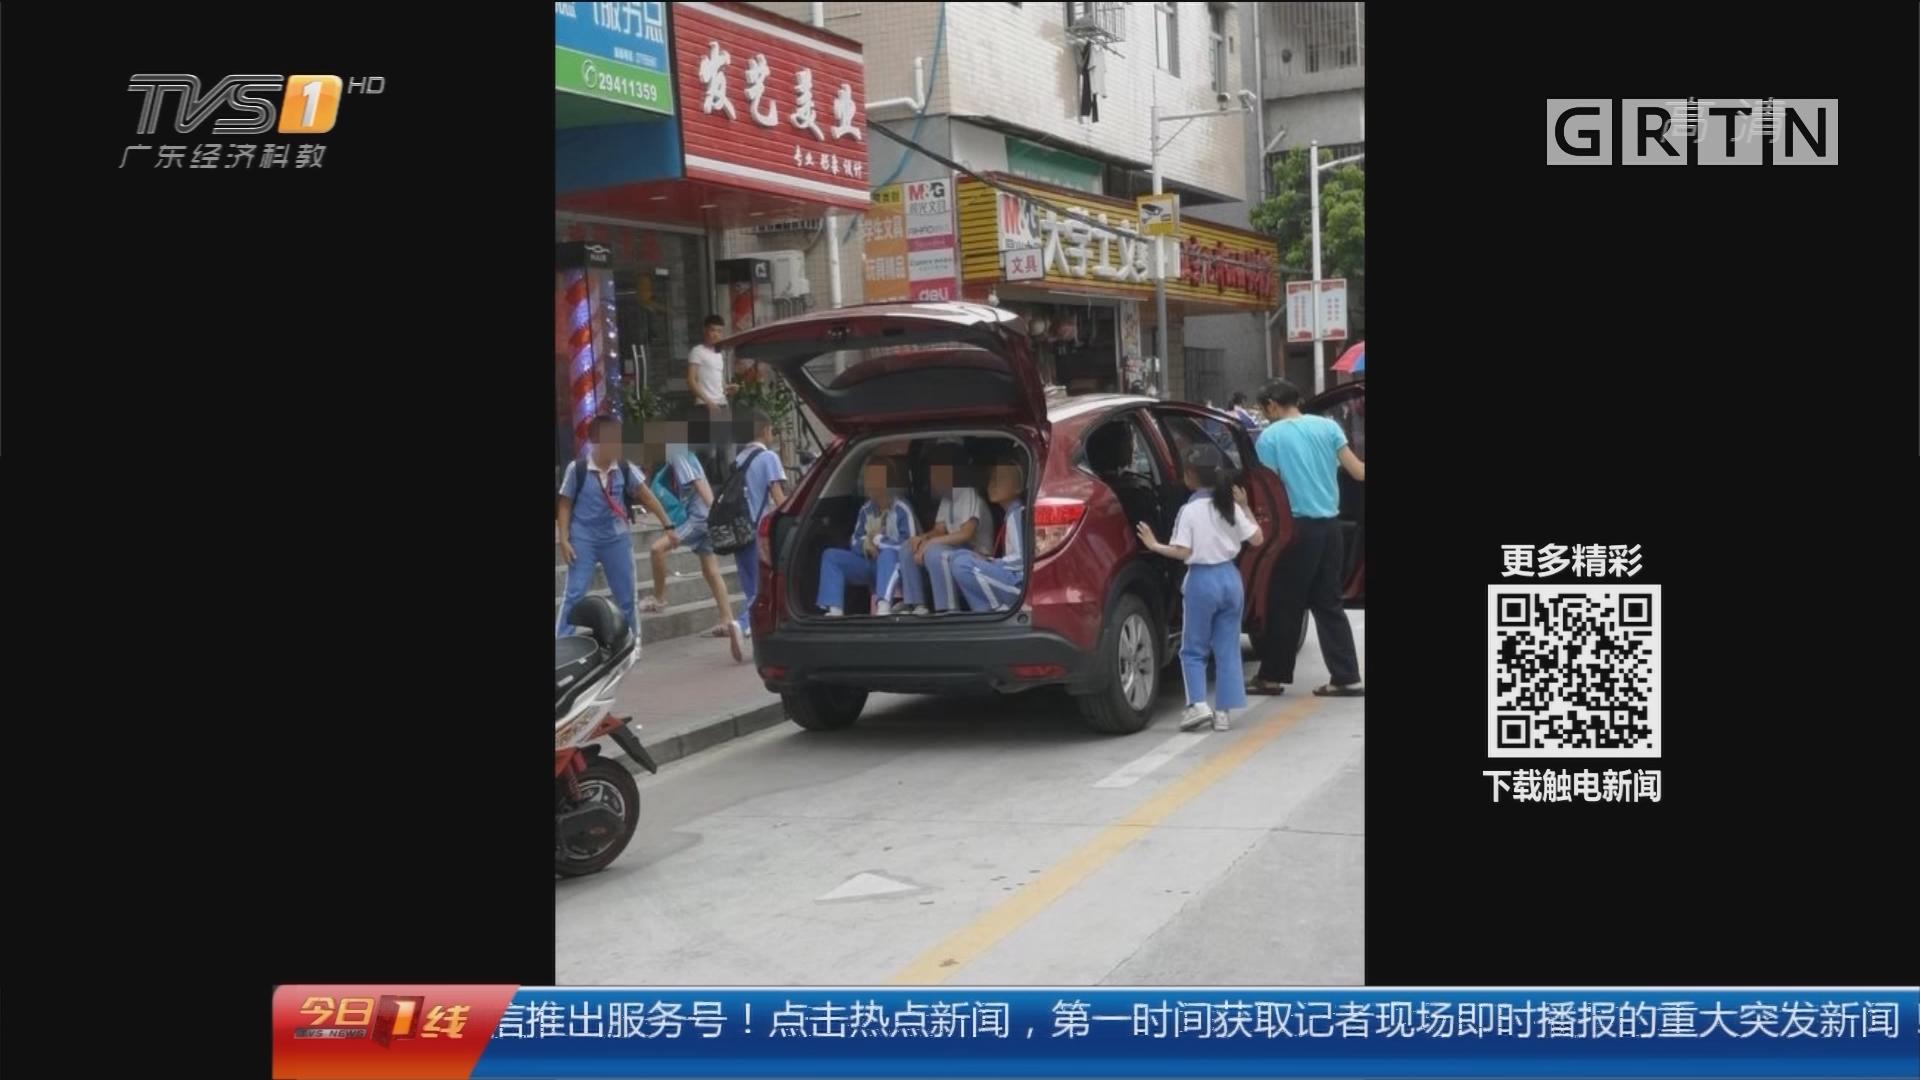 深圳:五座小车塞13名学生?交警调查